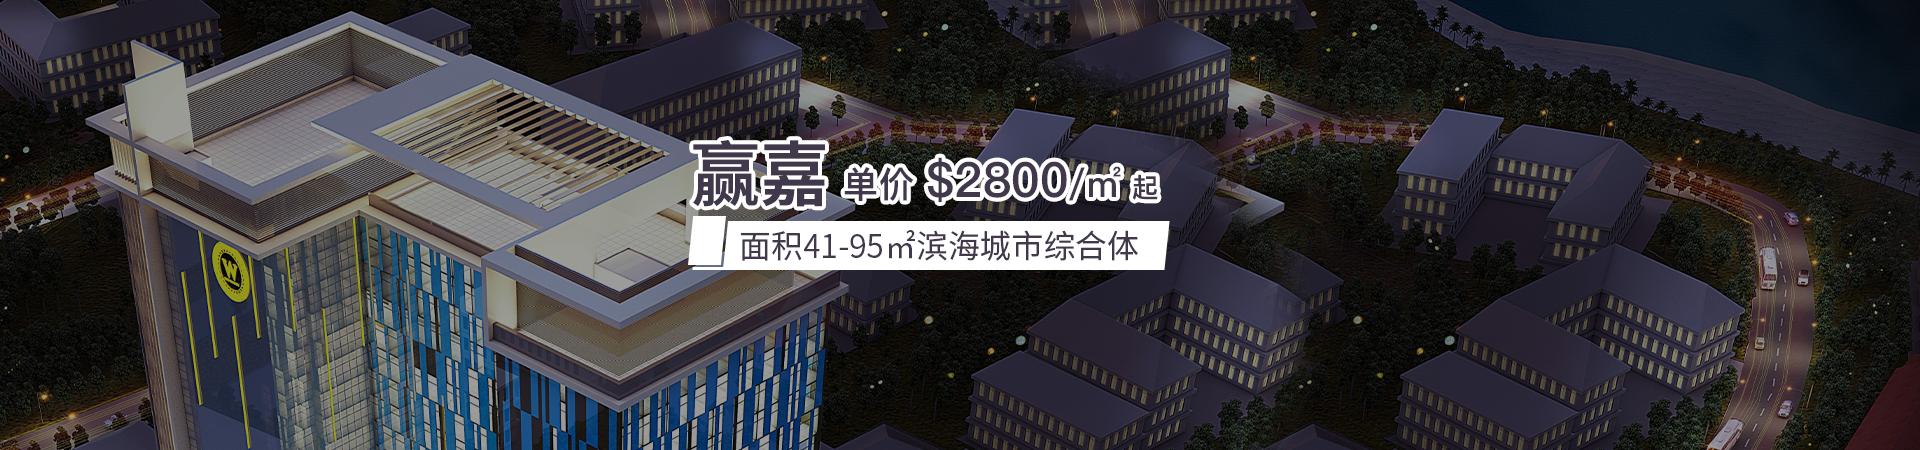 新房频道banner2-CN